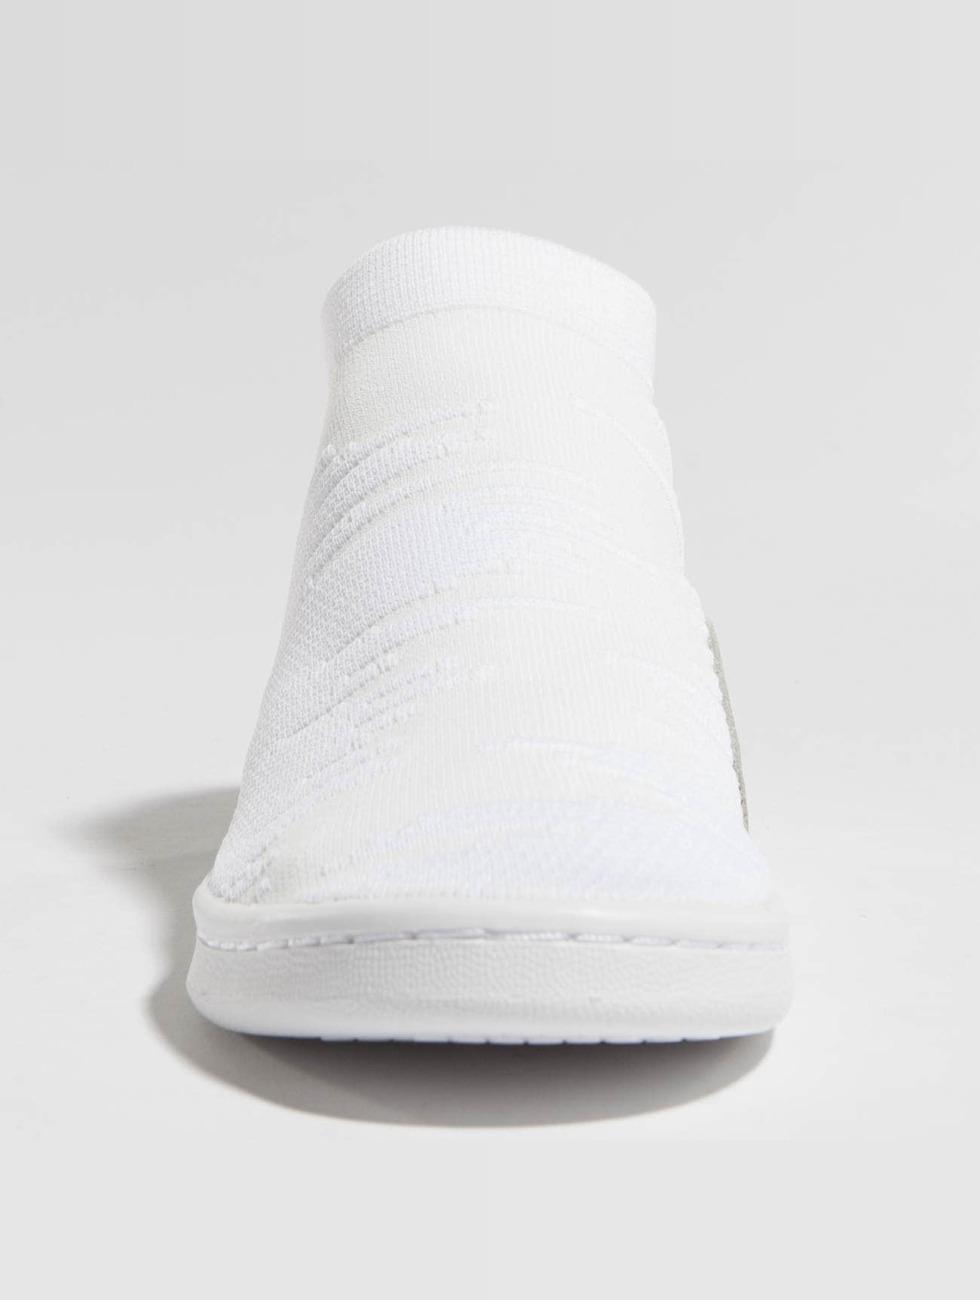 Klaring Echte adidas originals schoen / sneaker Stan Smith Sock PK in wit 437231 Kopen Online Met Paypal Korting Grote Deals bTDRTw